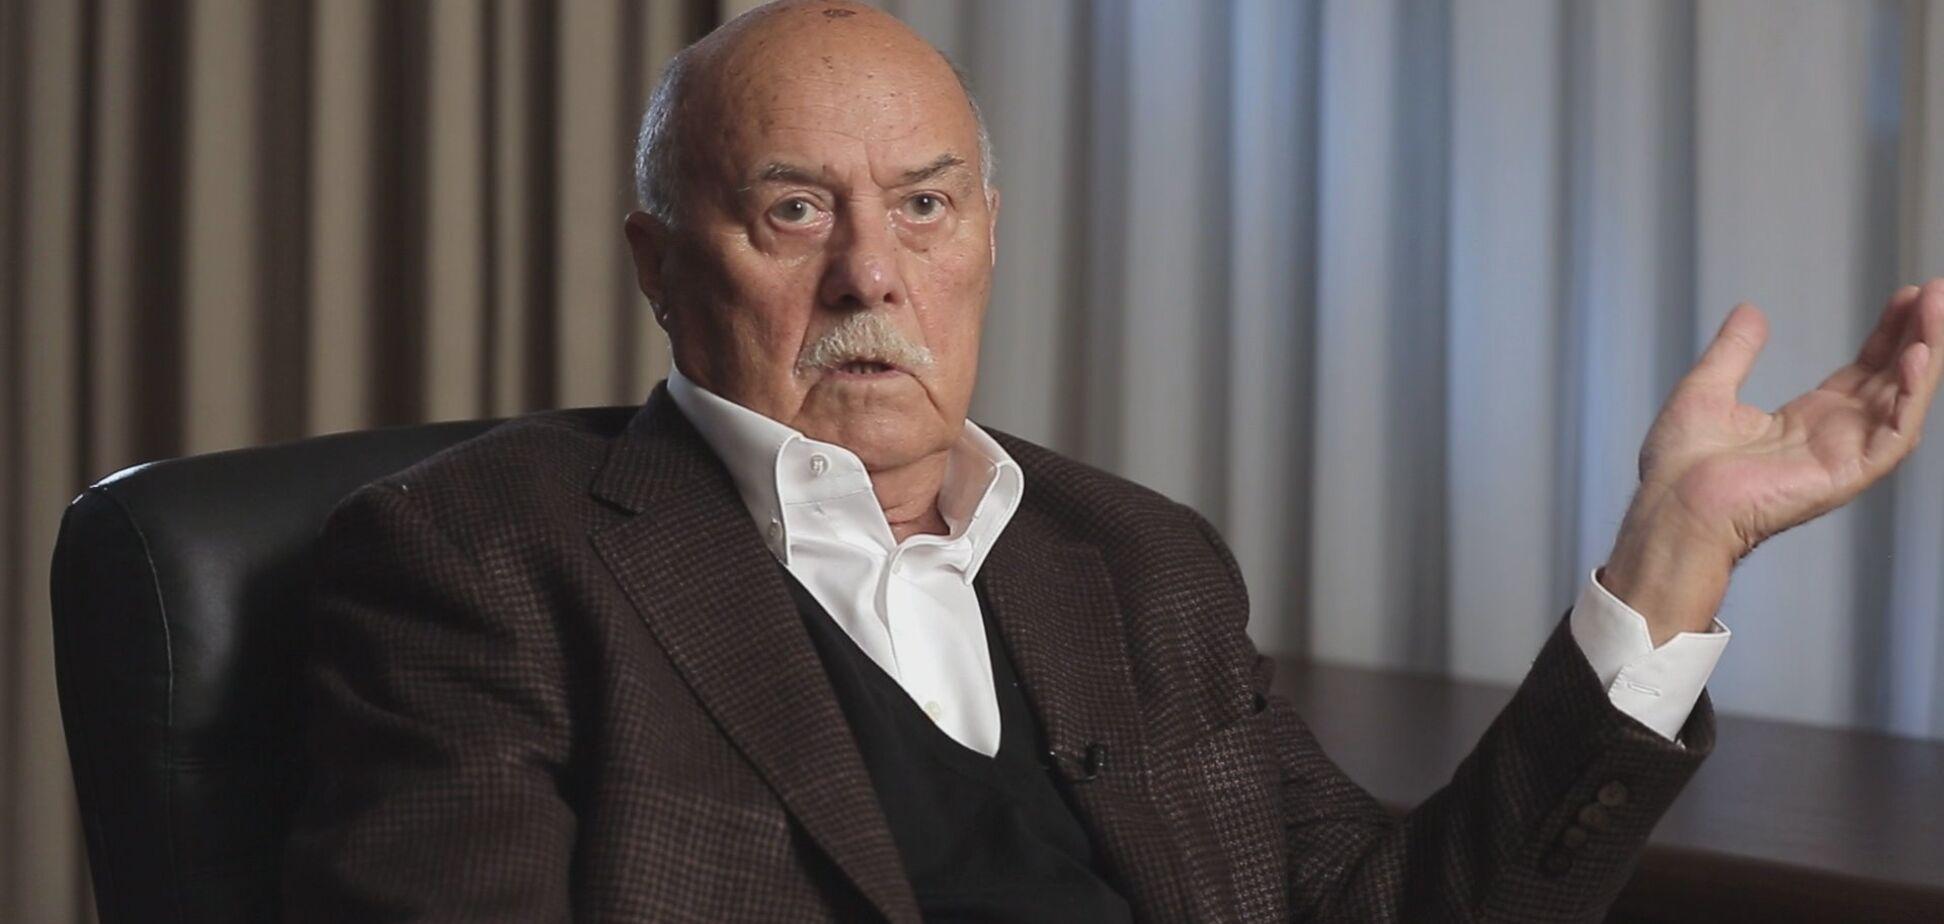 Умер Станислав Говорухин: кто это и чем он известен